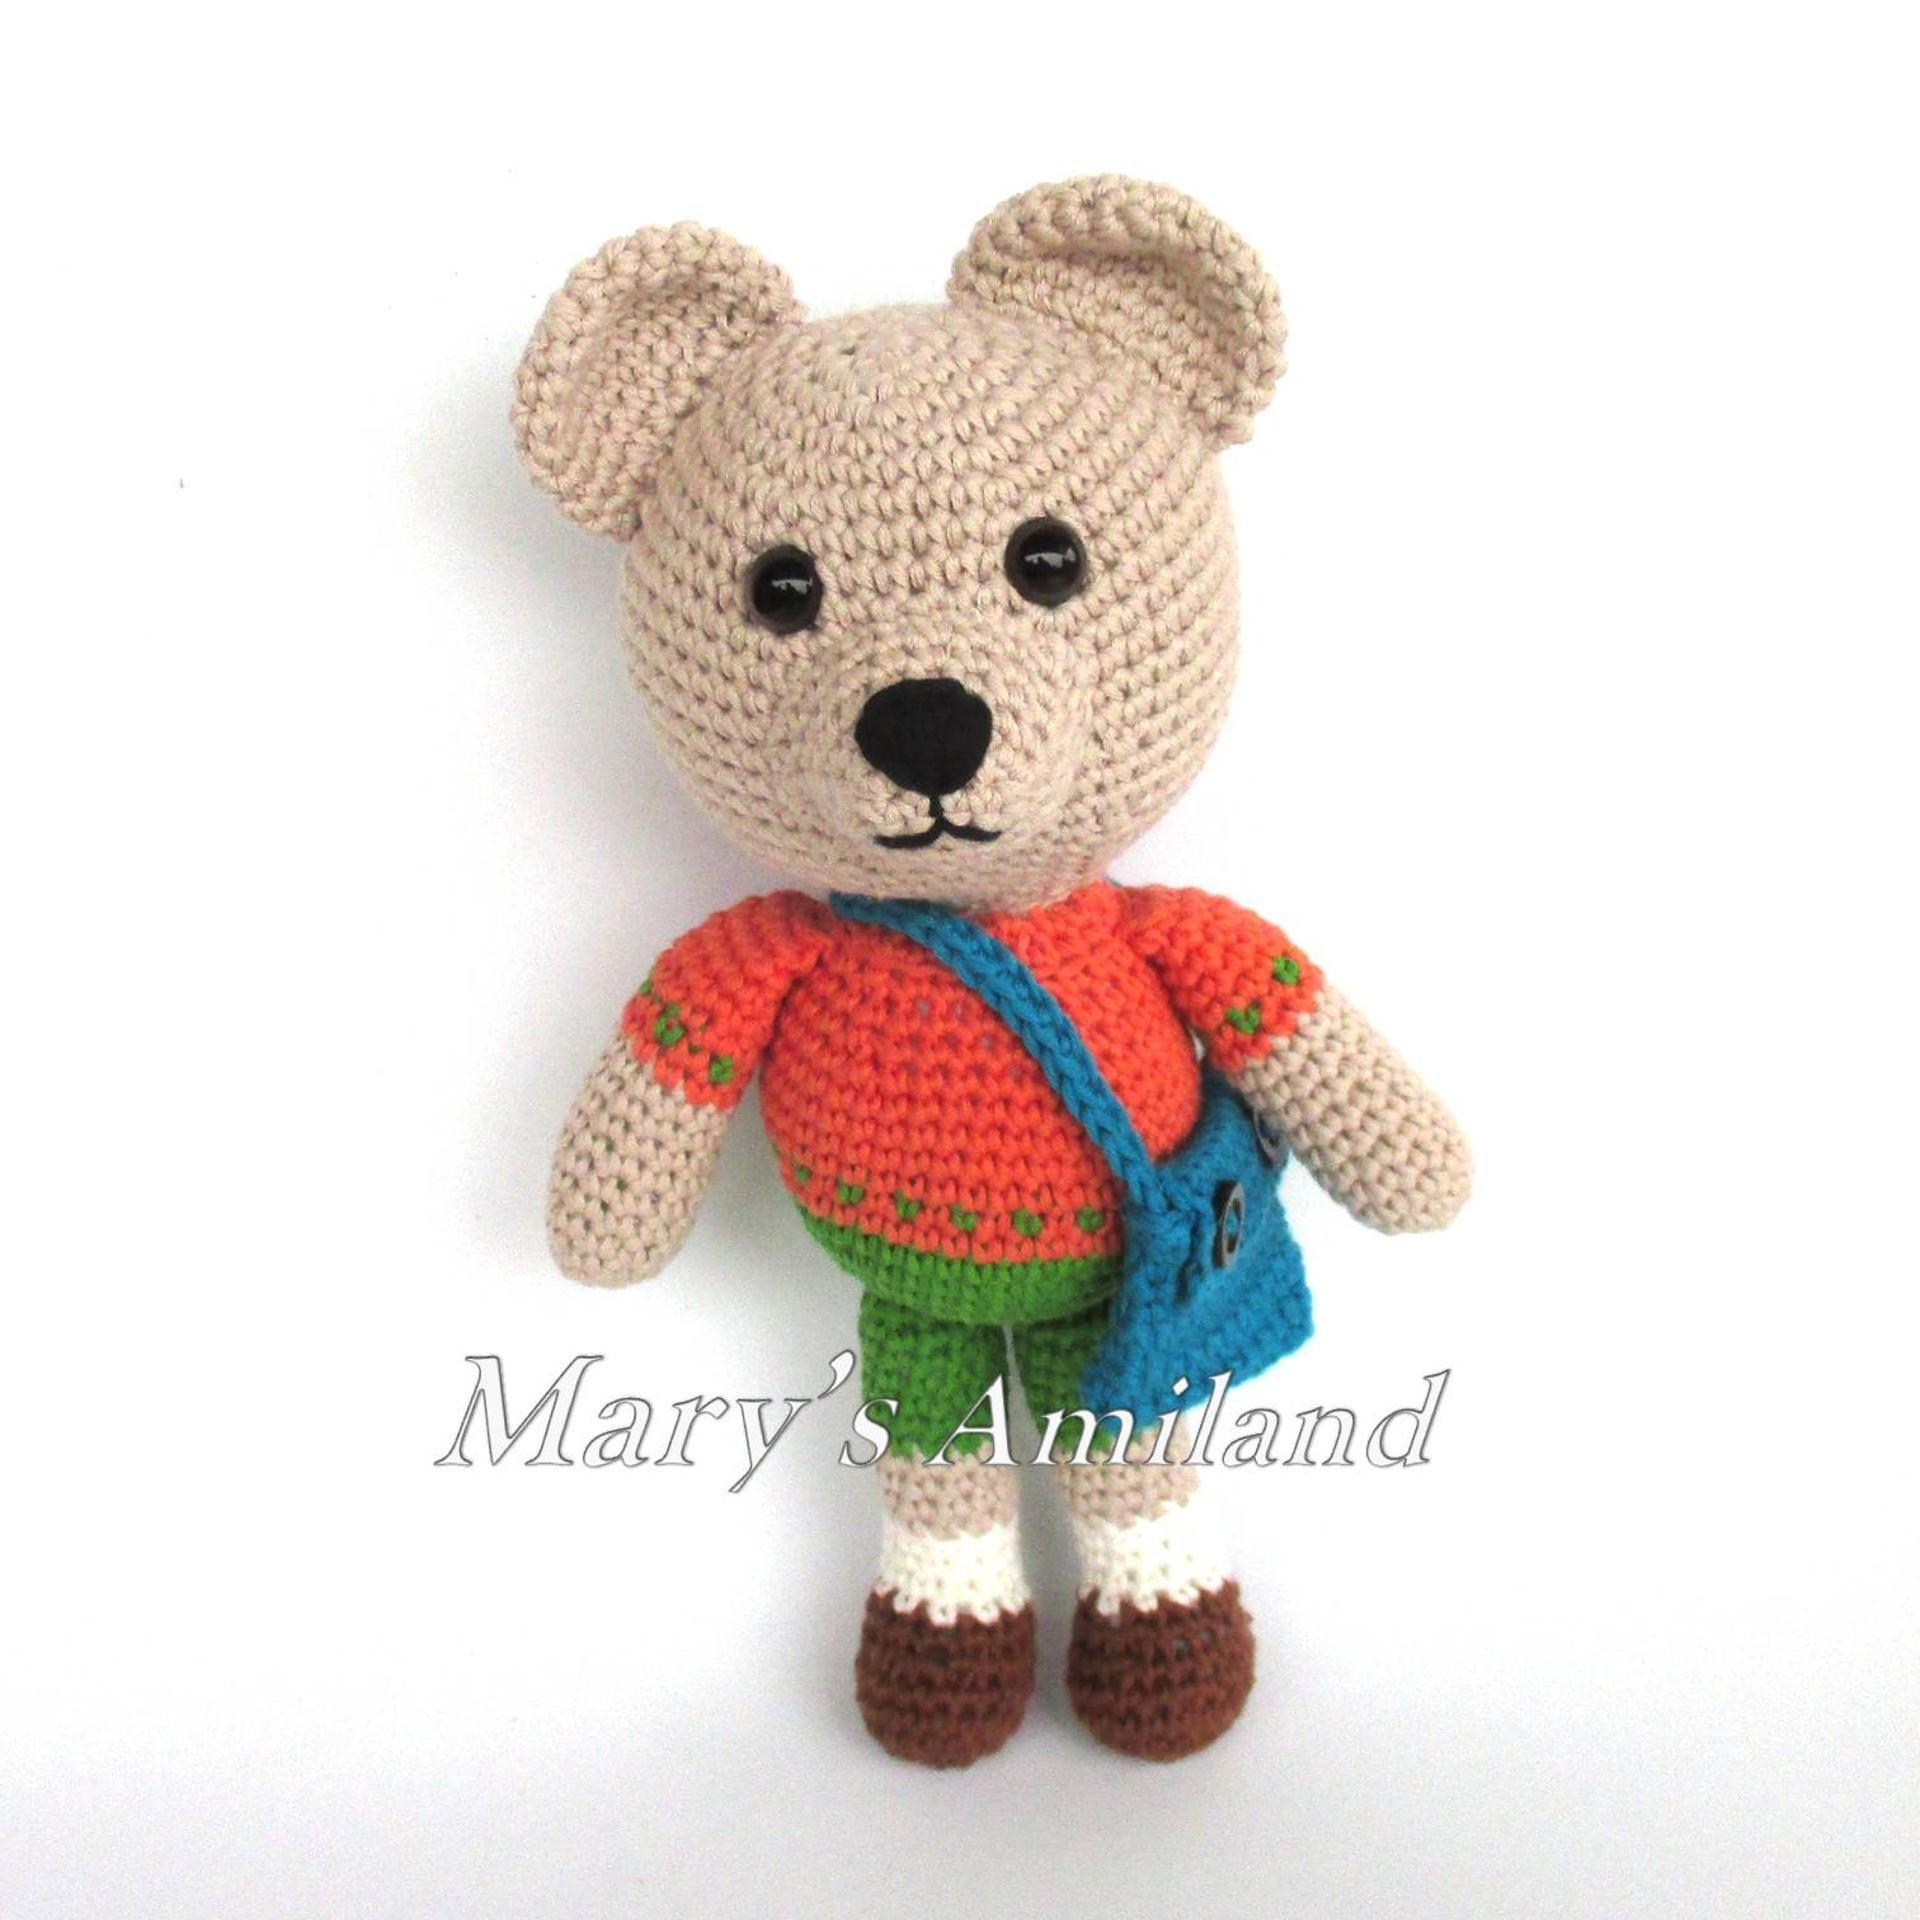 Excelente Los Patrones De Crochet Craftsy Ornamento - Manta de Tejer ...